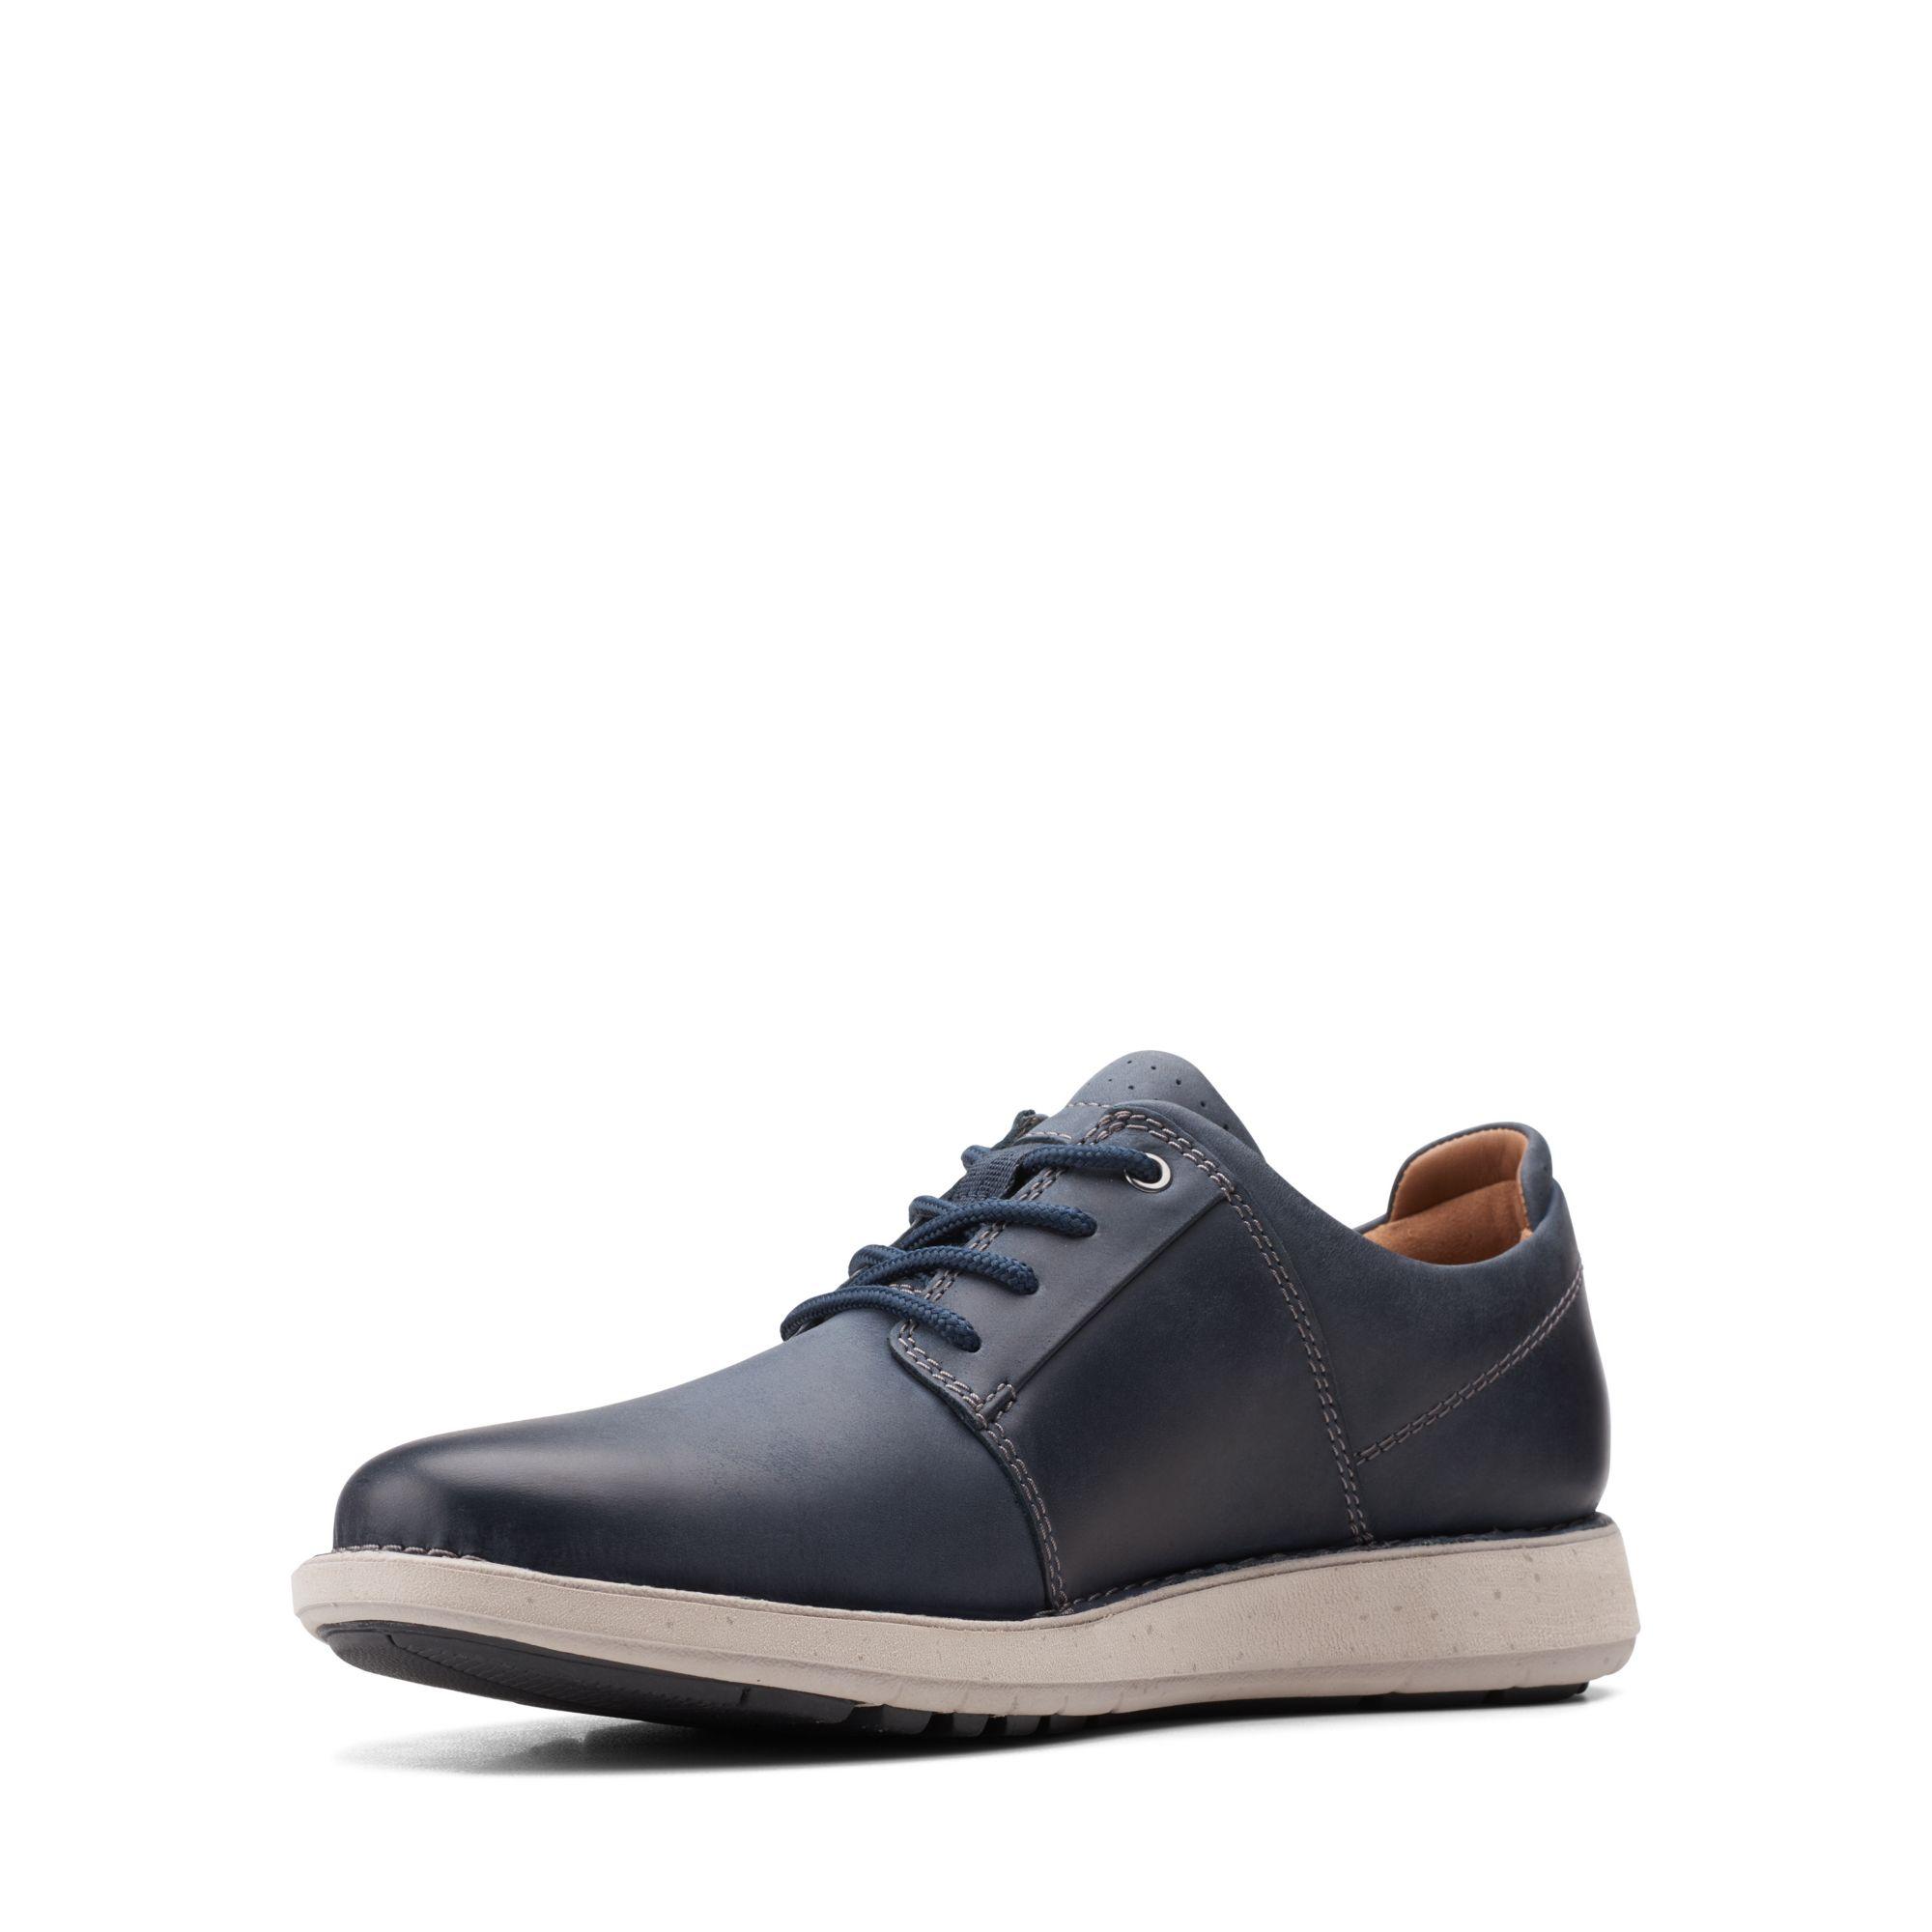 Мъжки ежедневни кожени обувки Clarks Un LarvikLace2 морско синьо - снимка 6